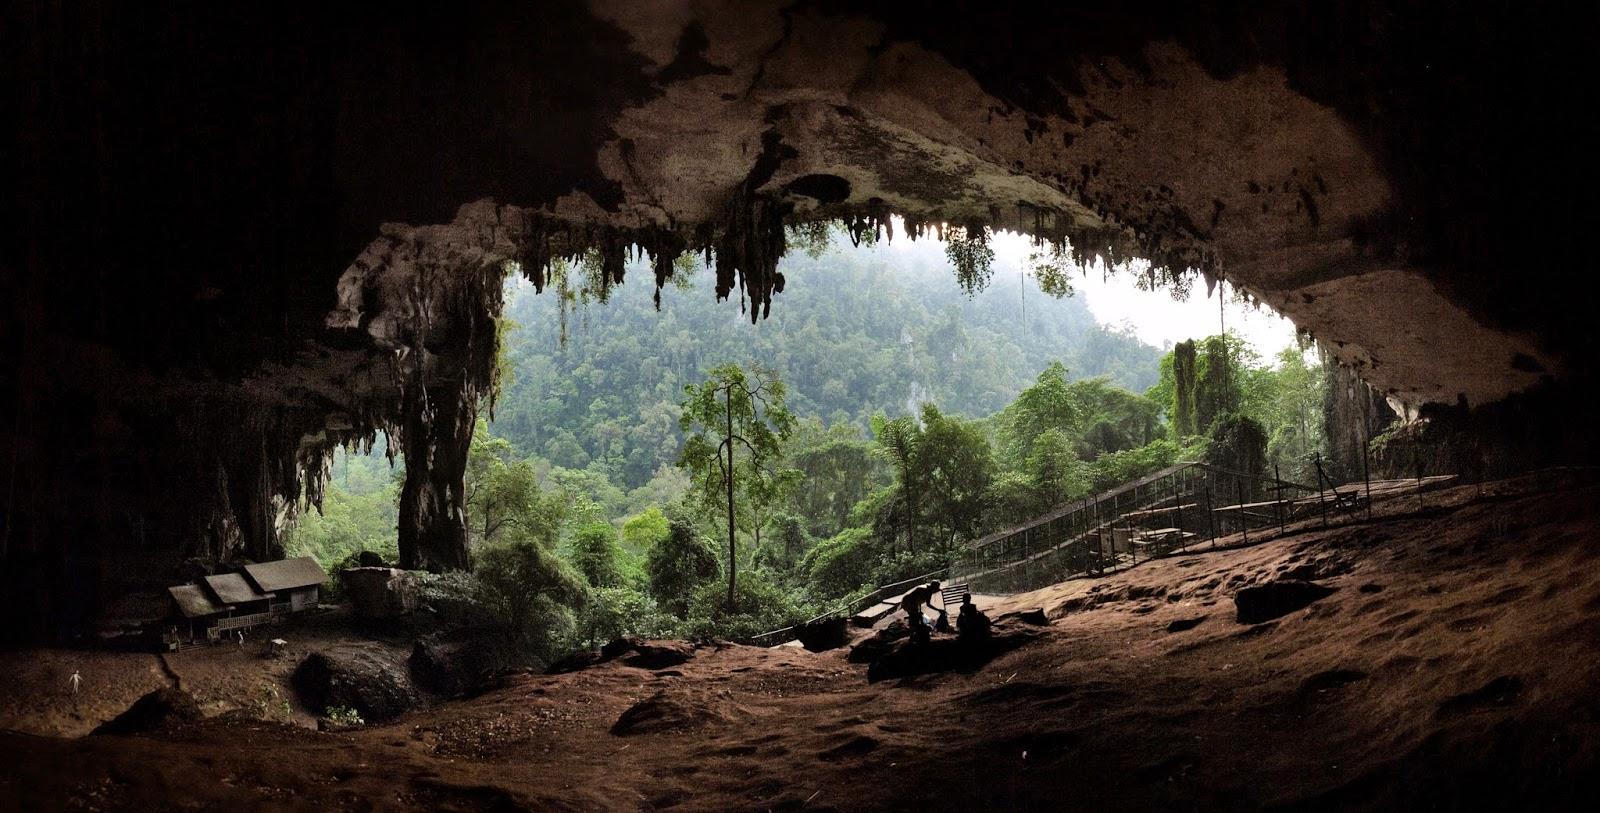 Niah National Park, Sarawak